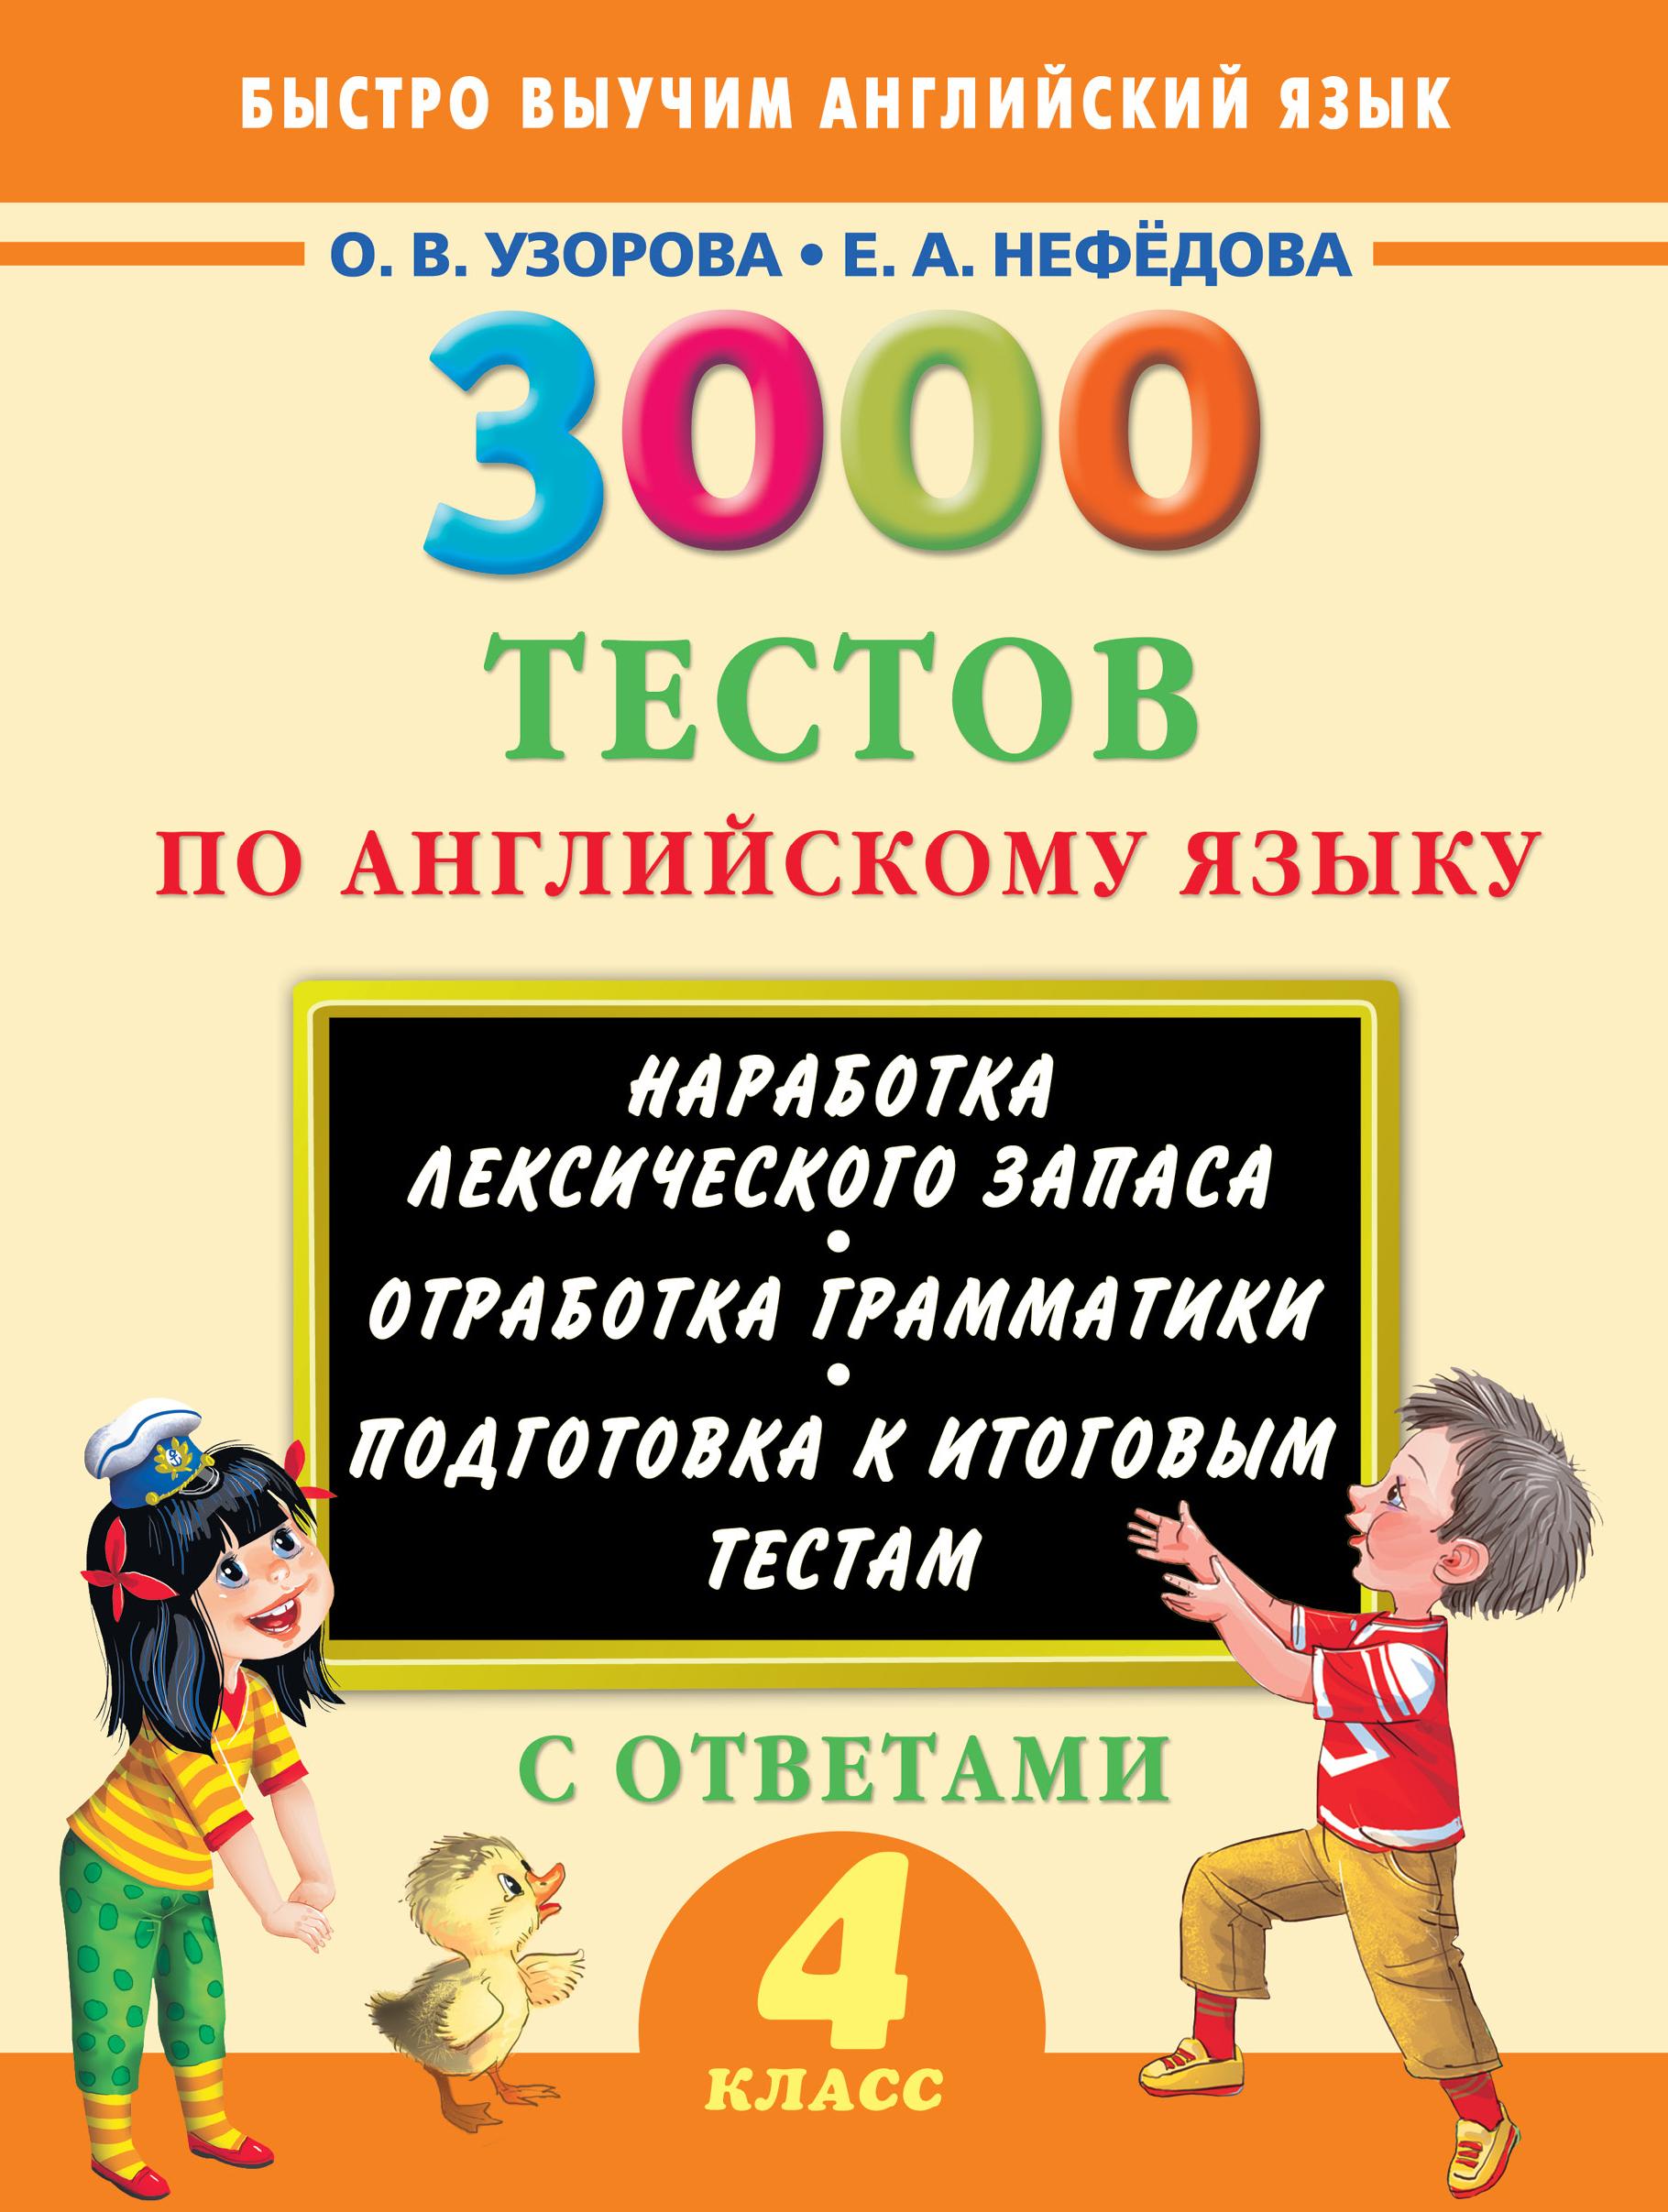 Английский язык.ru – все для изучающих английский язык